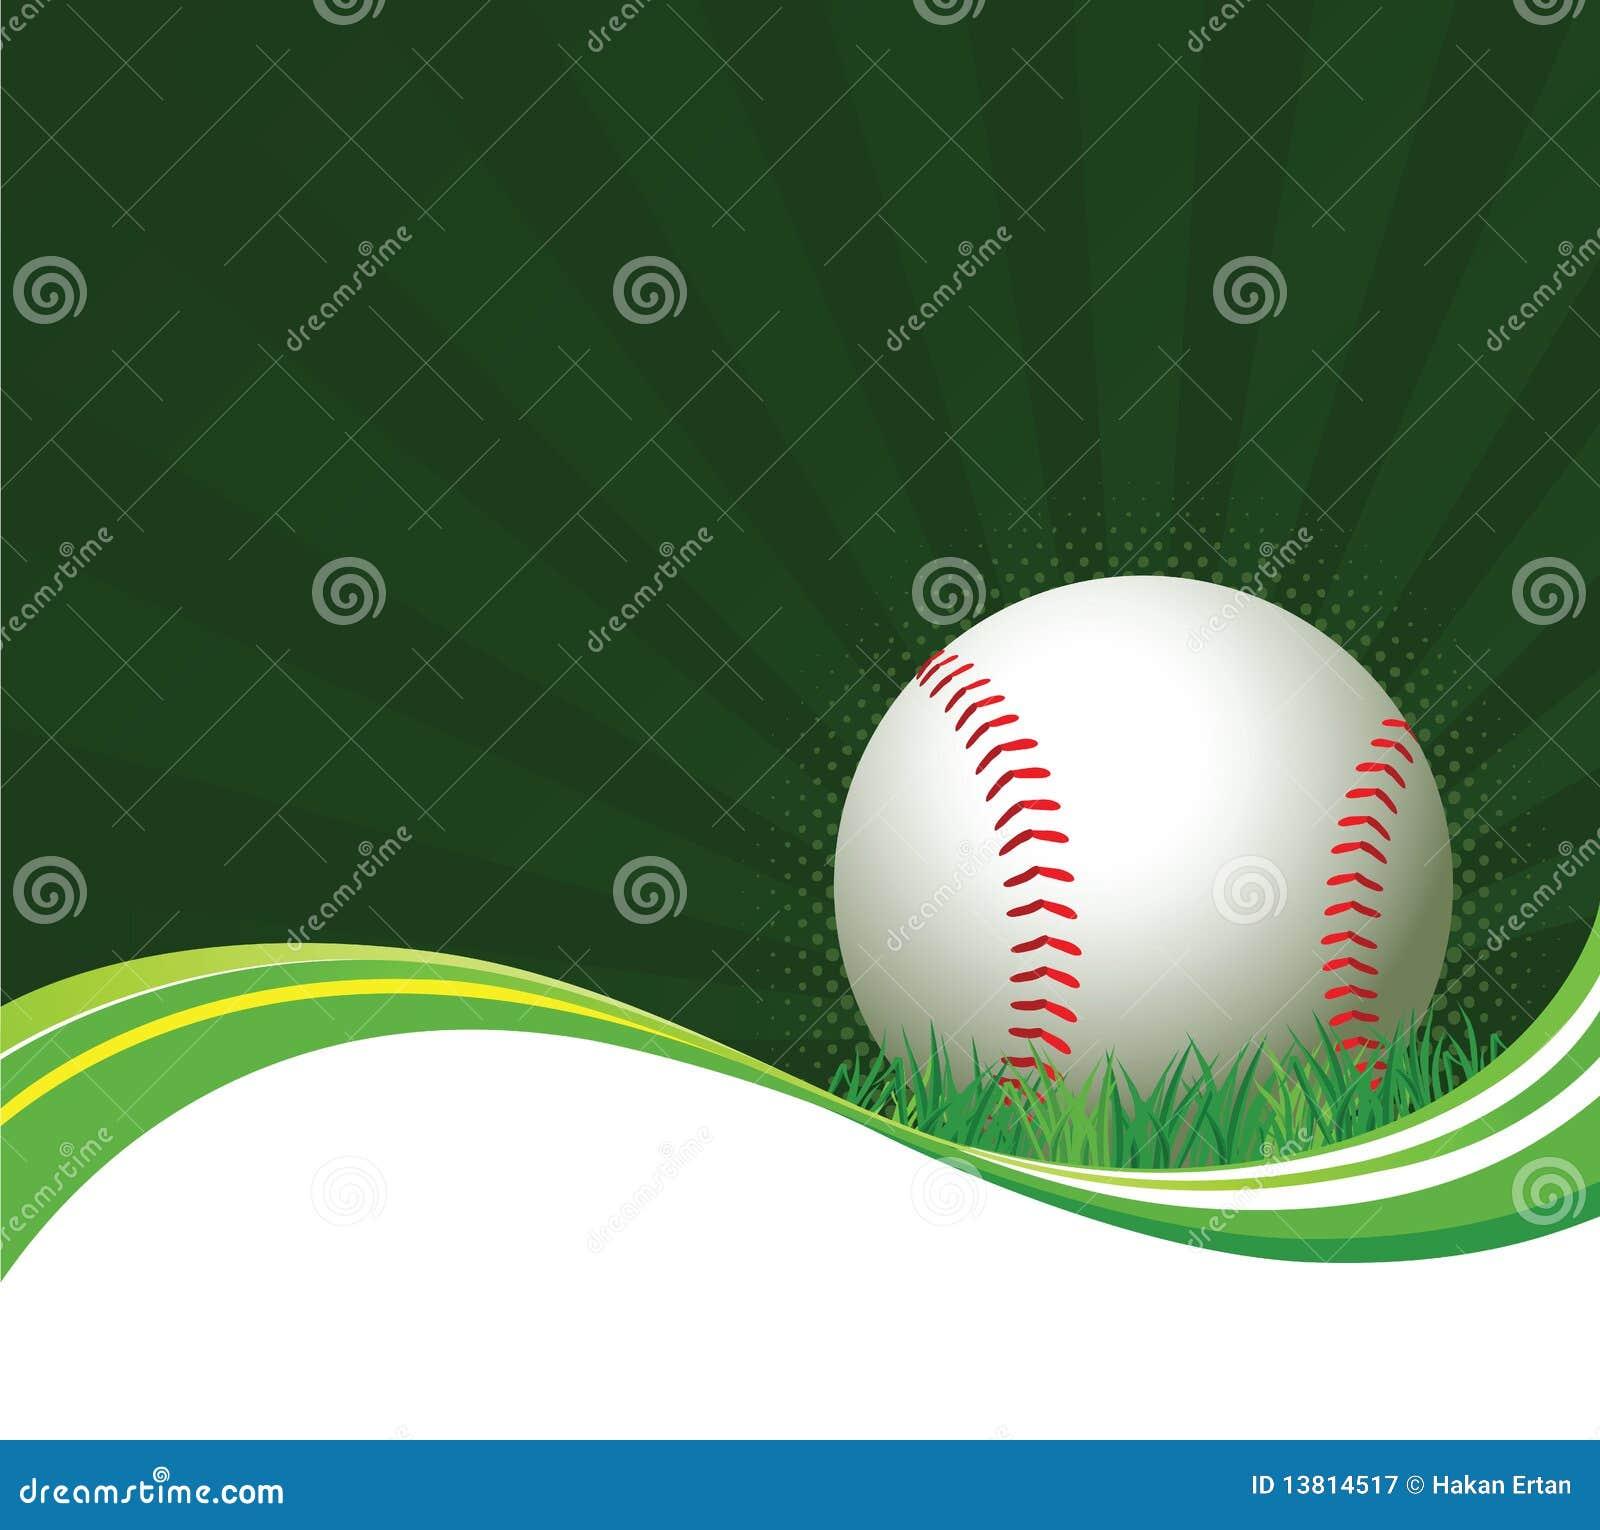 Baseball Background Royalty Free Stock Photography Image